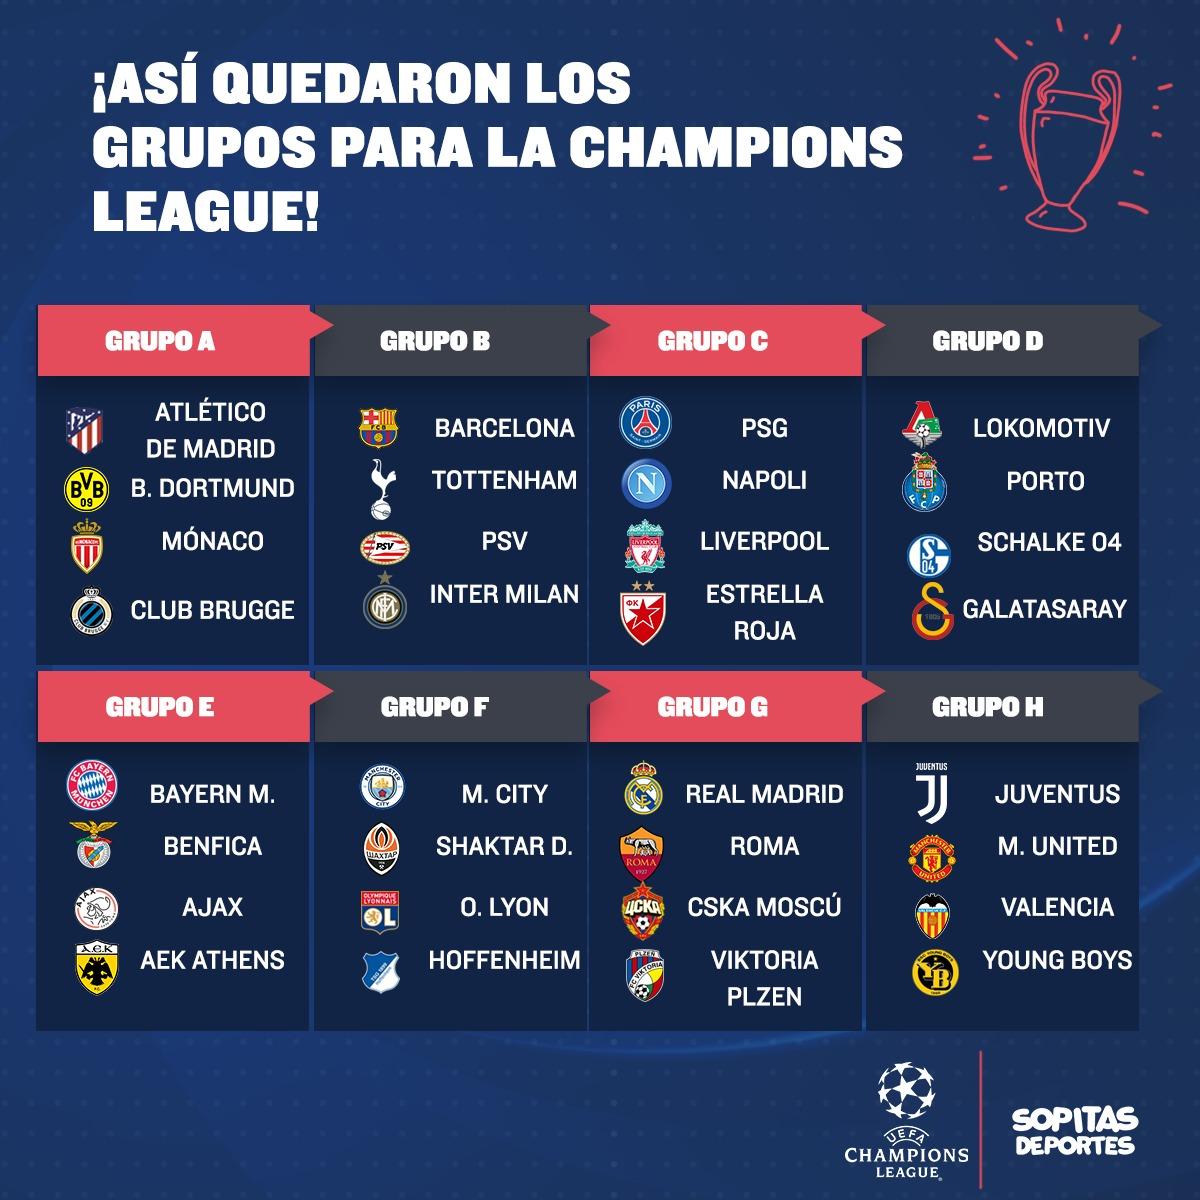 Champions League: Acá los partidos imperdibles de la fase de grupos